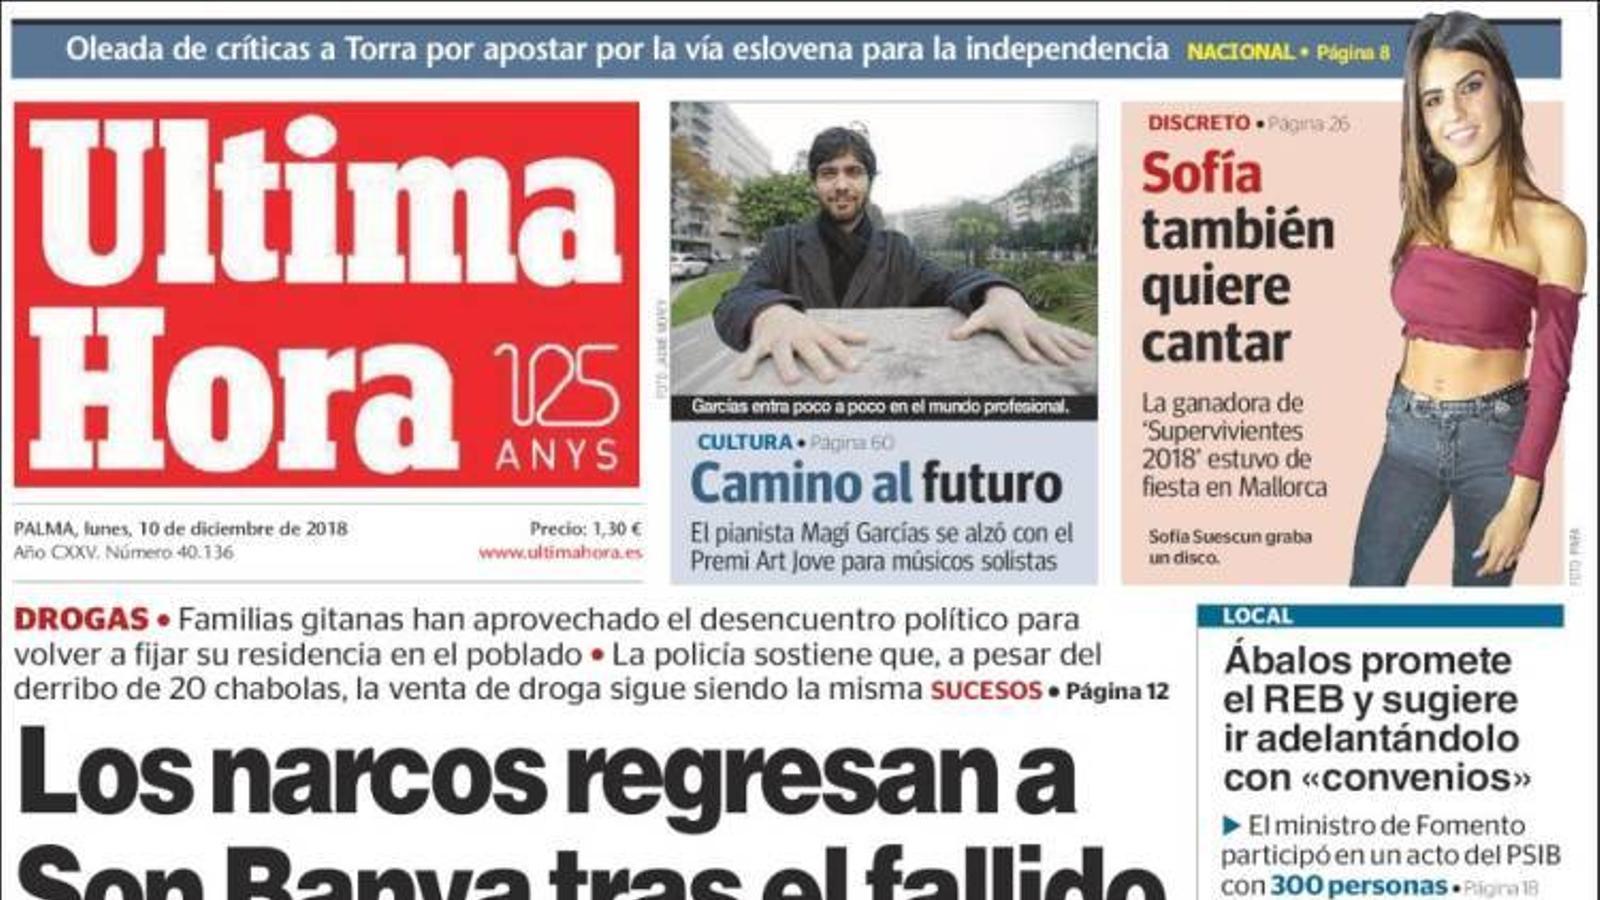 """""""Els narcos tornen a Son Banya després del fallit desallotjament del poblat"""", portada d''Última Hora'"""